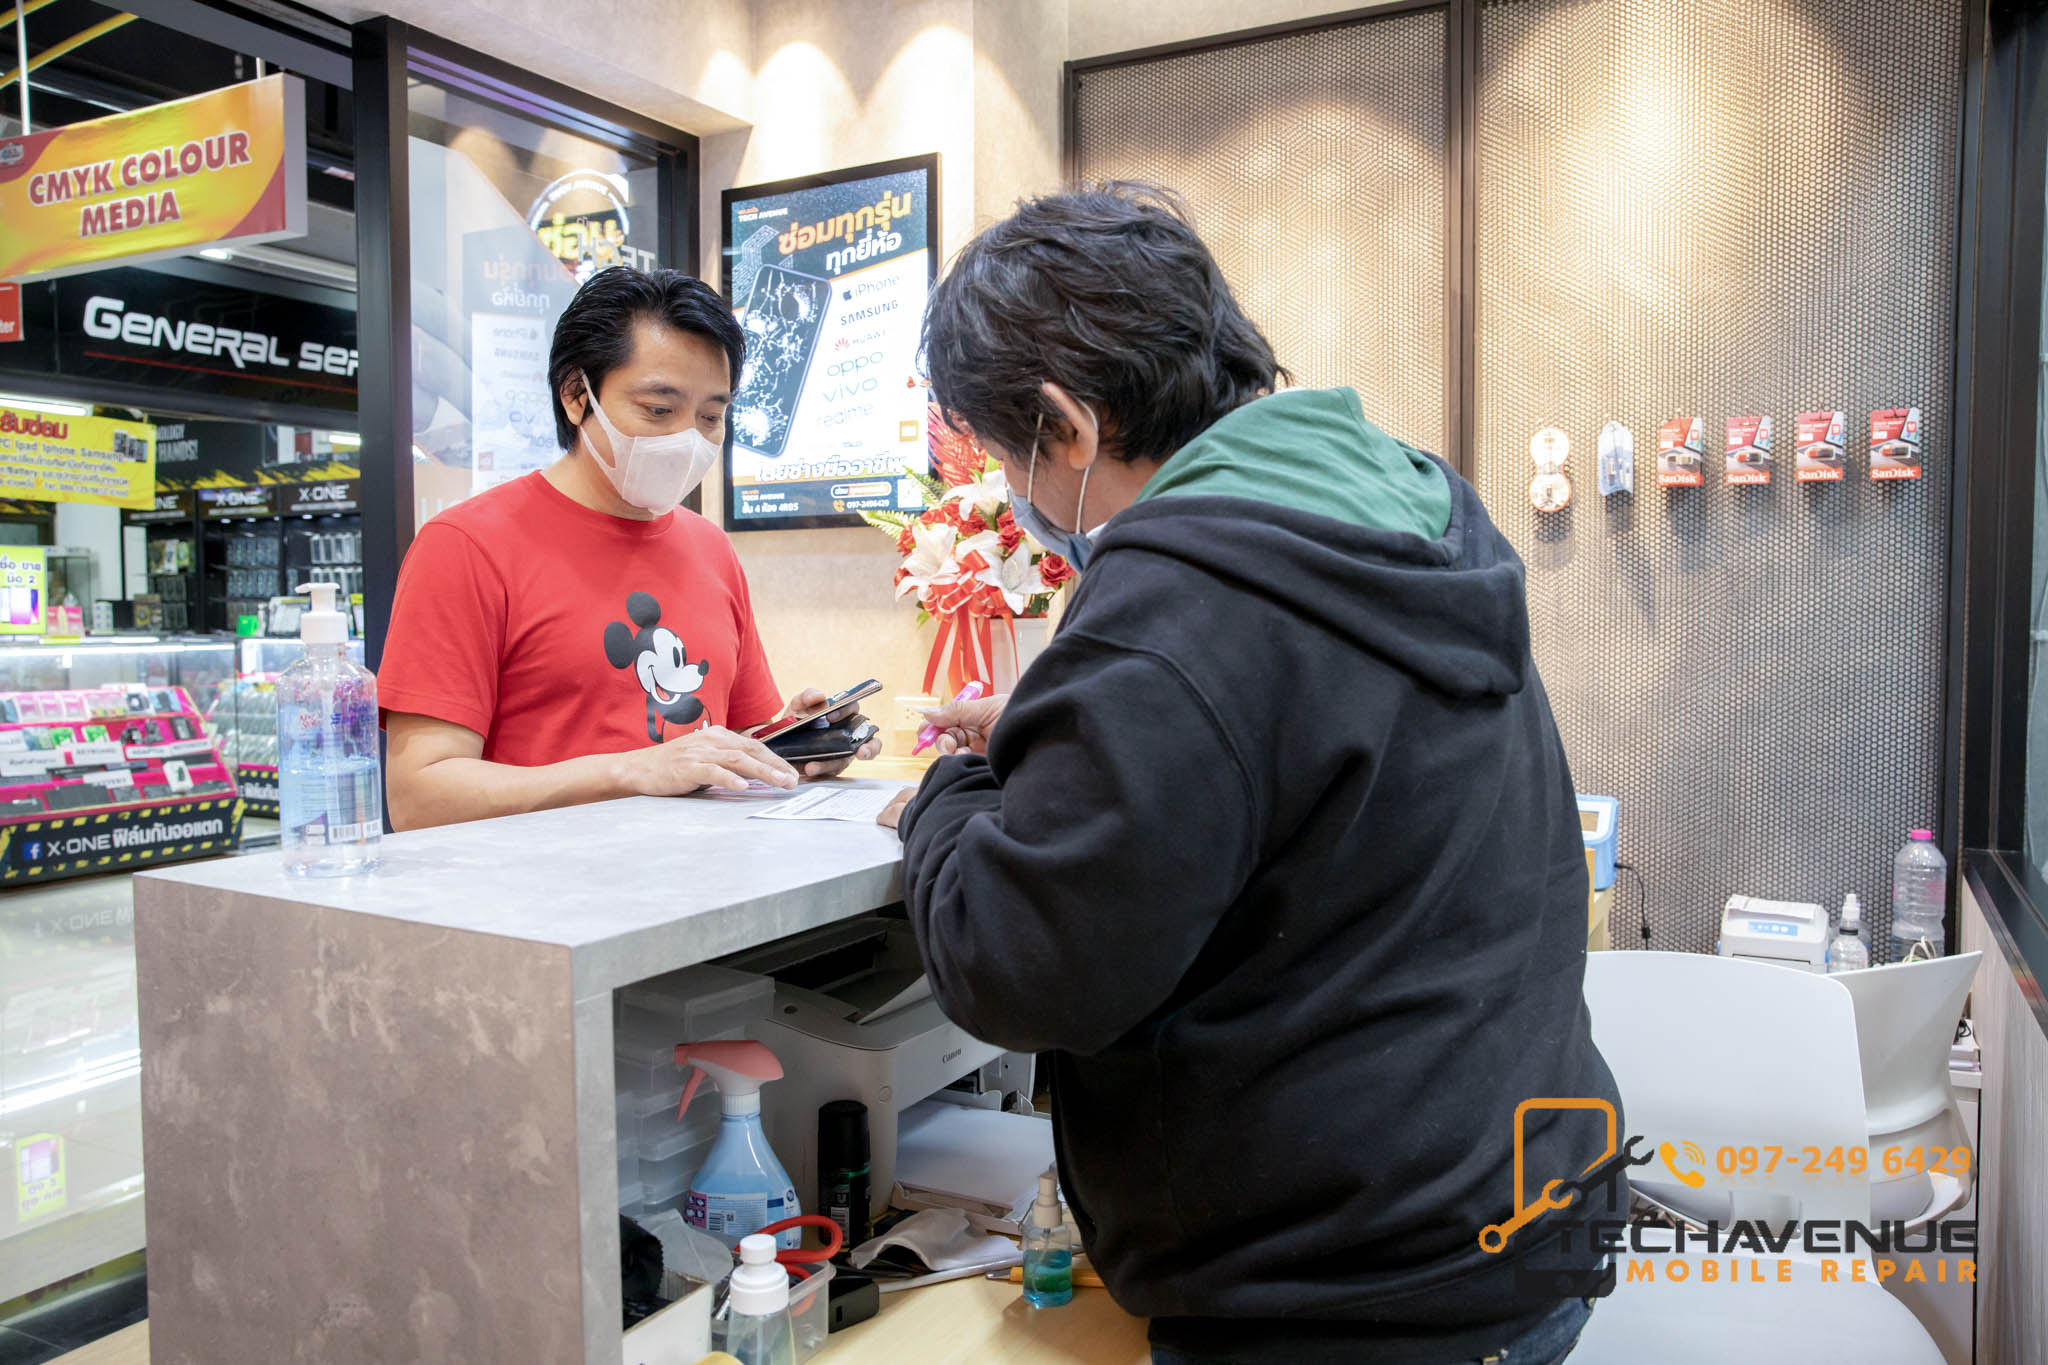 ซ่อมมือถือ แถวโซนดินแดง ร้านไหนดี ราคาไม่แพง บริการดีมาก 🥇 ศูนย์ซ่อม โทรศัพท์มือถือ มือถือทุกรุ่น ทุกยี่ห้อ iPhone | Apple | Samsung | Huawei